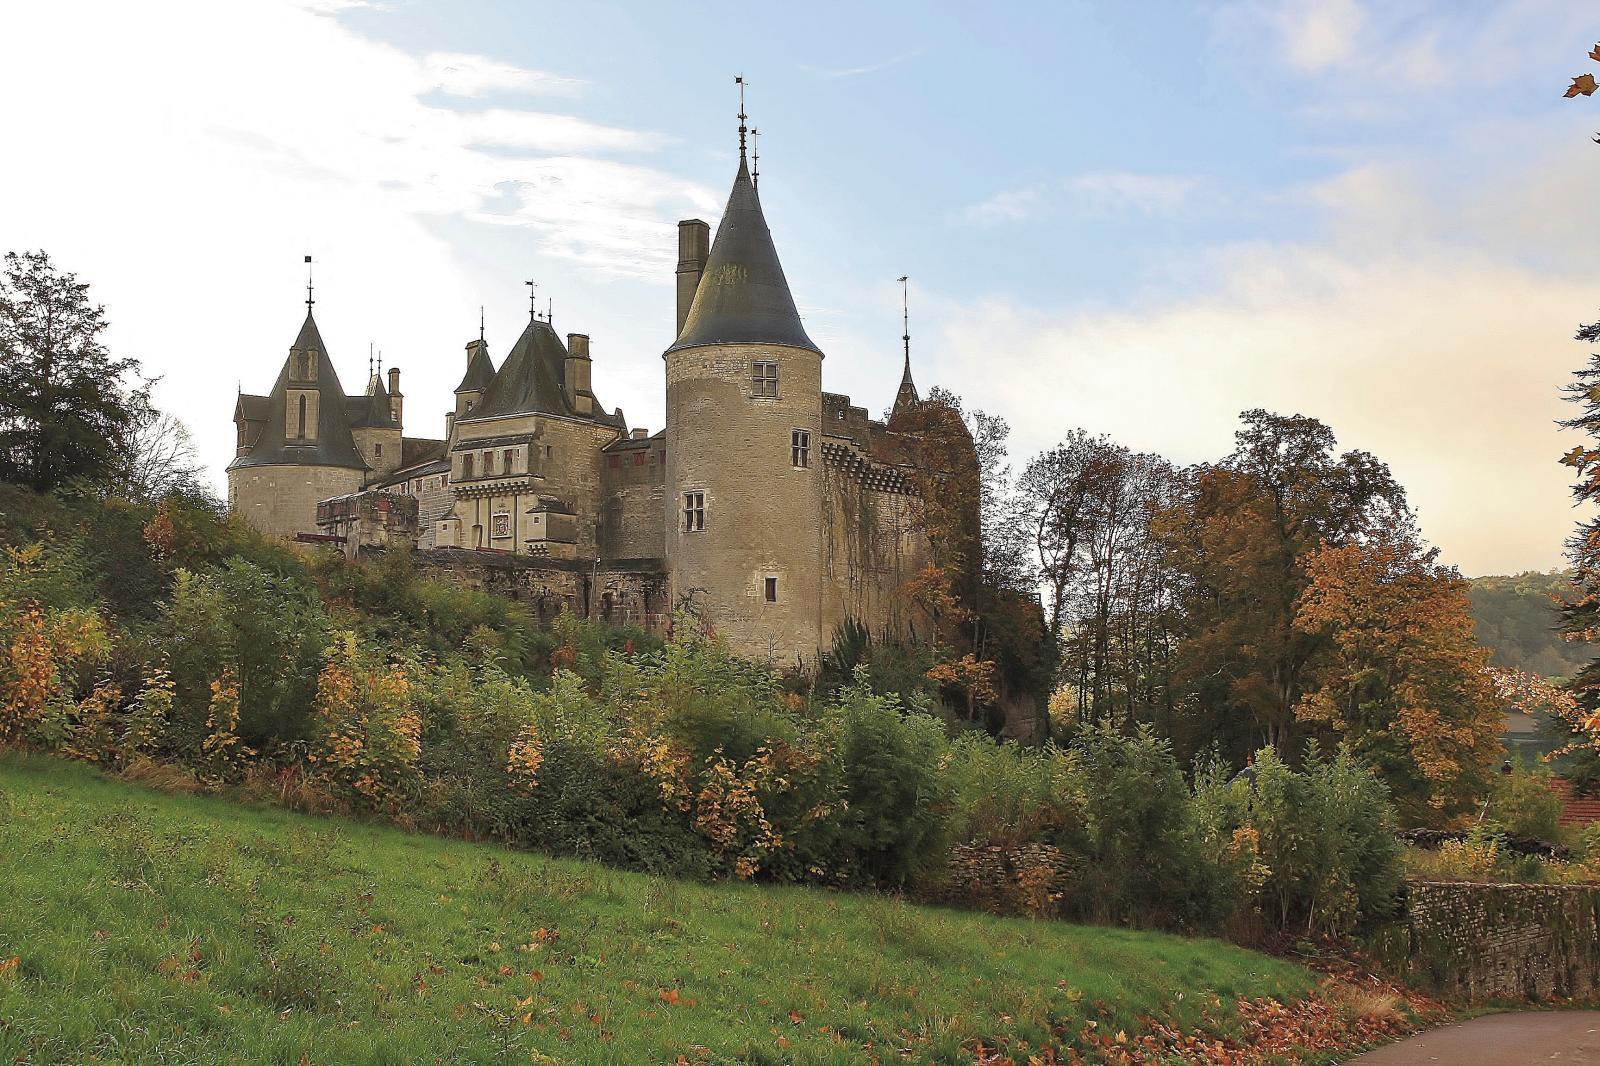 The castle's entrance© Manuel Desbois